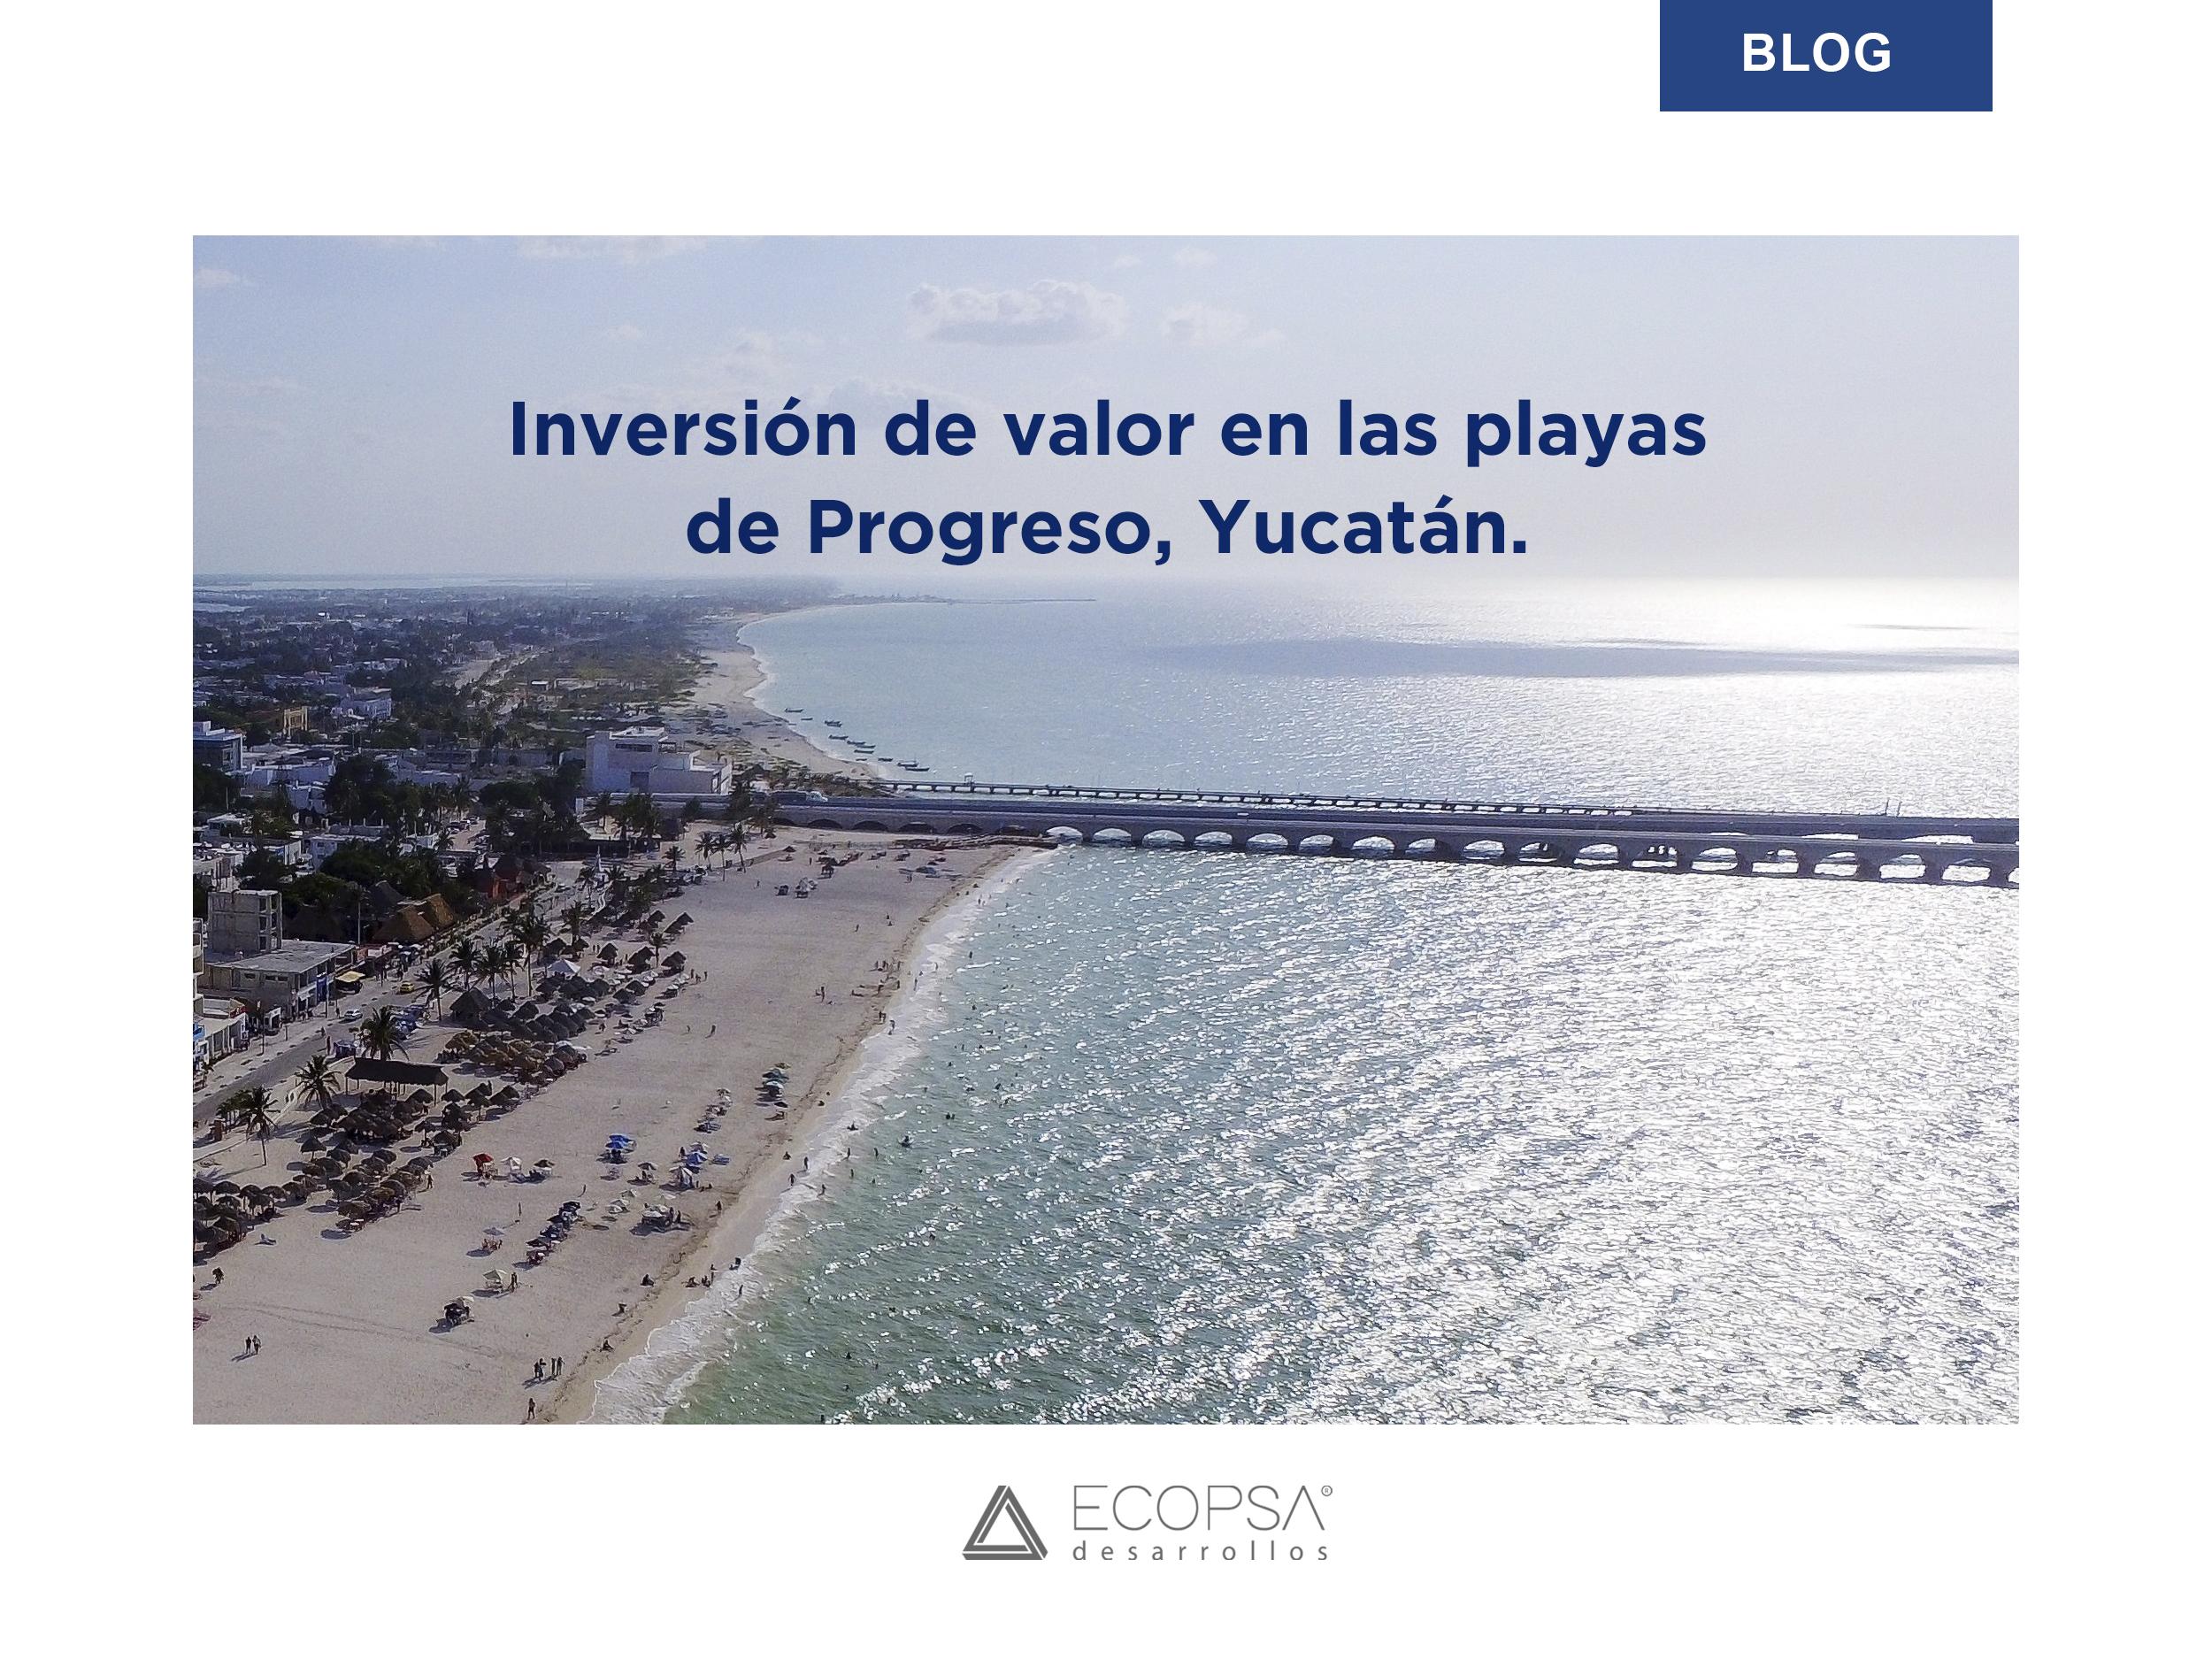 Inversión millonaria en Yucatán.